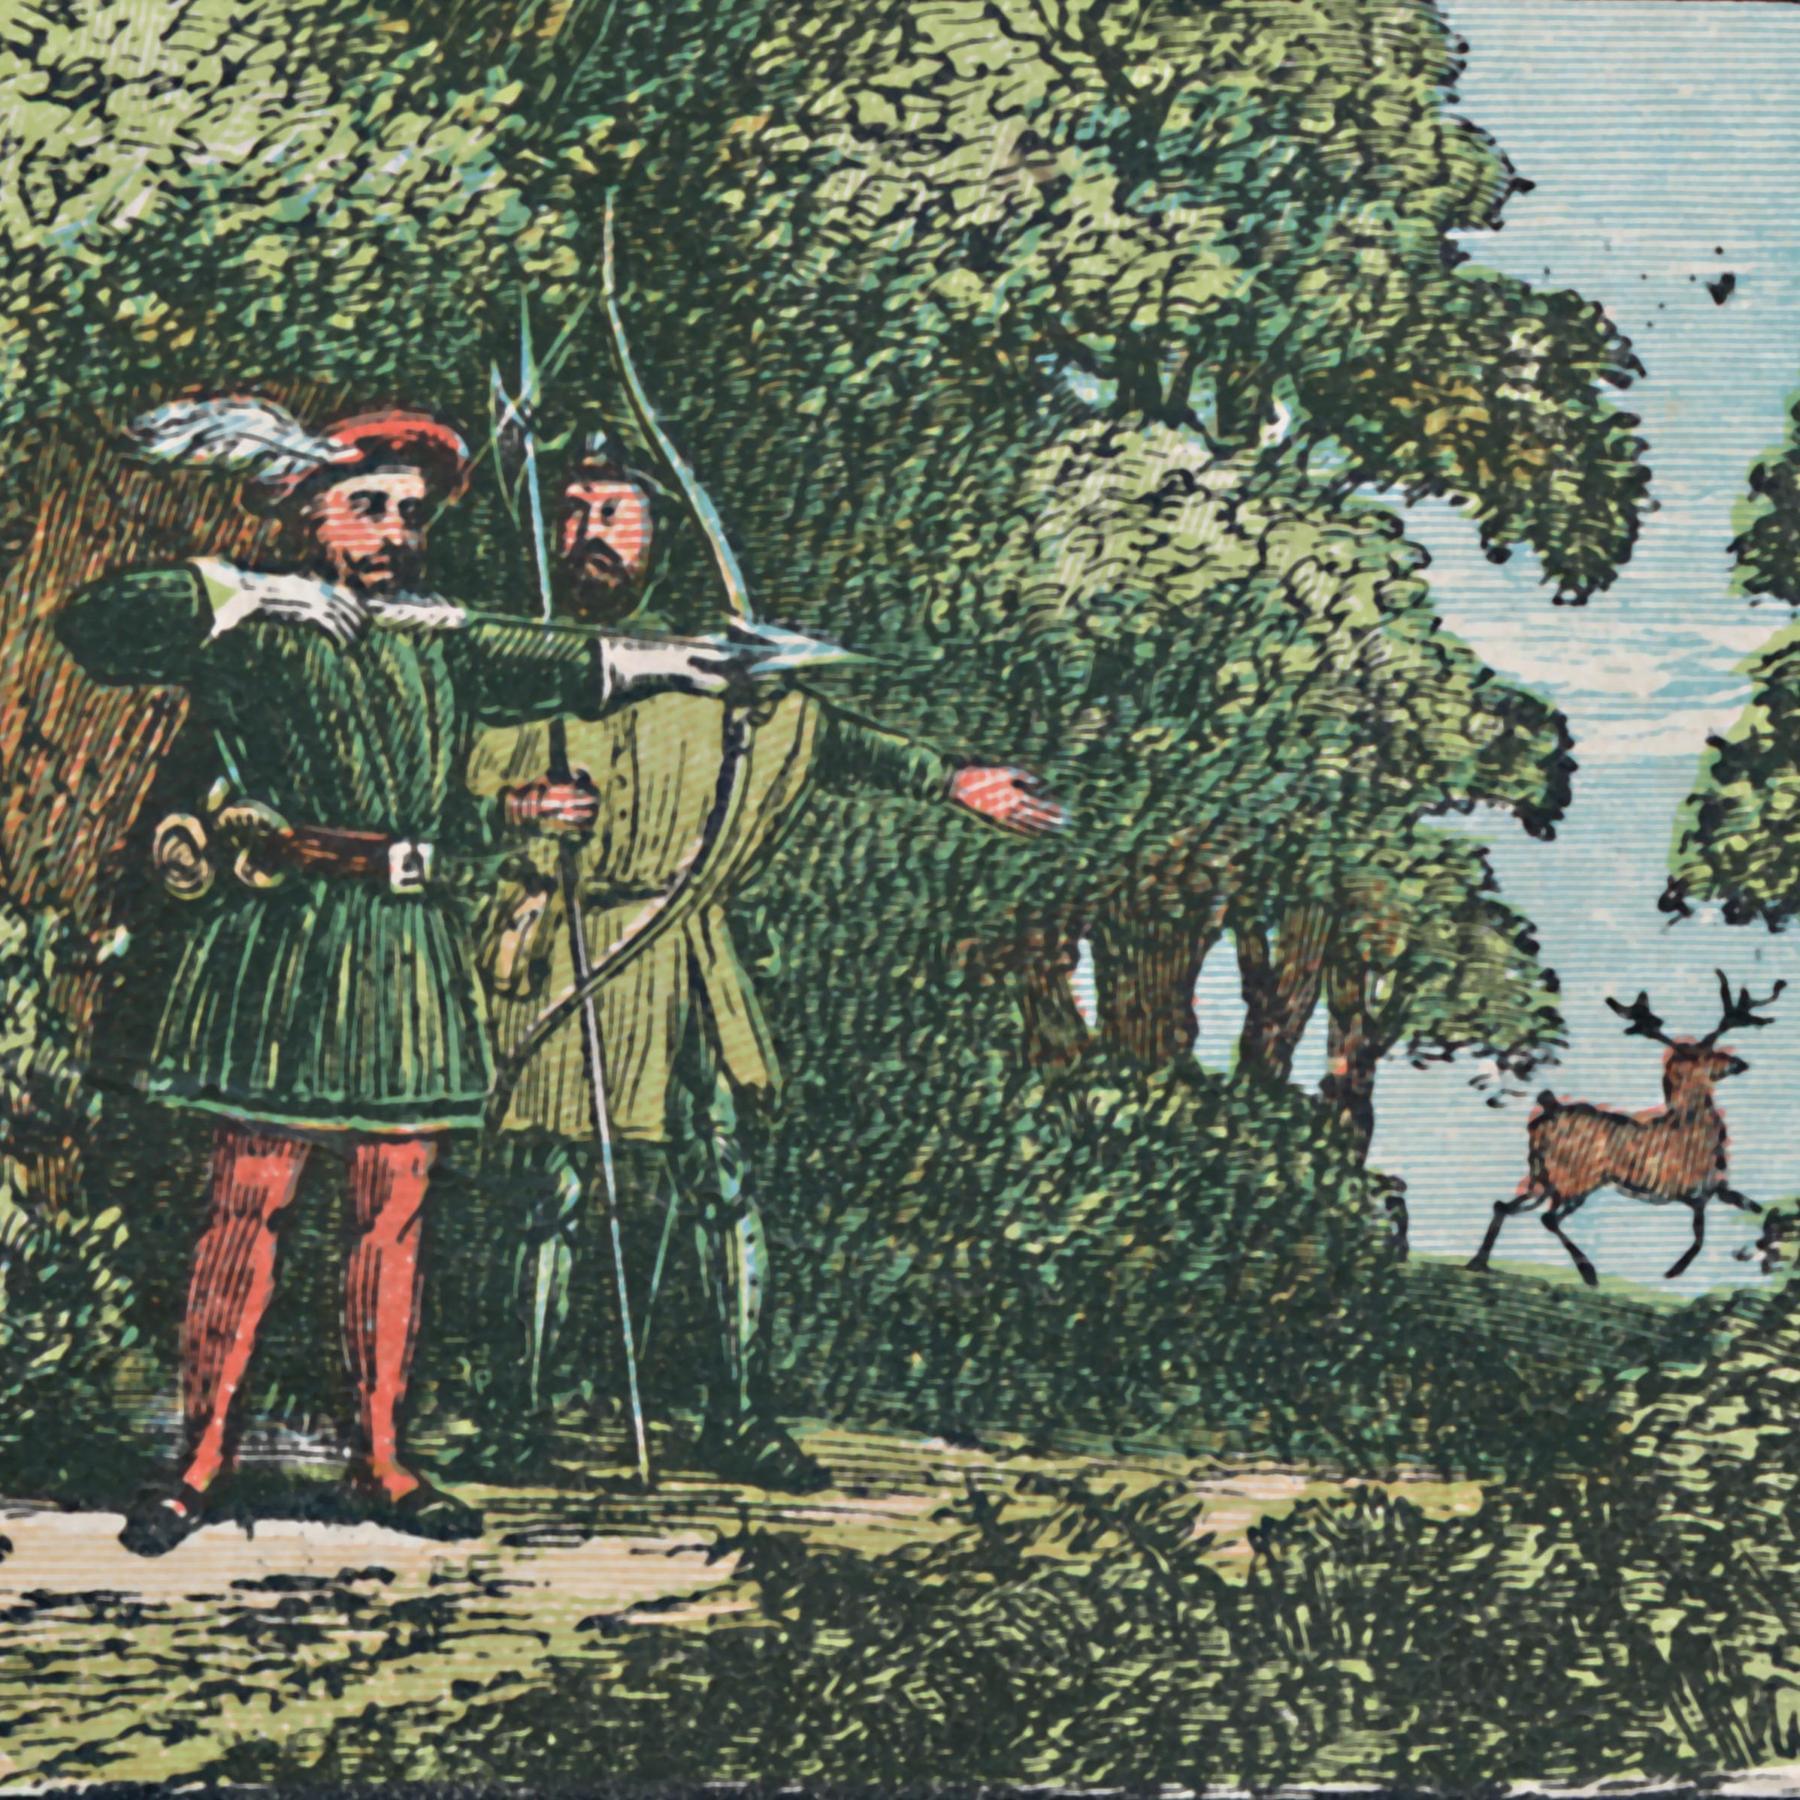 #01 Robin Hood - Die Legende vom edlen Räuber